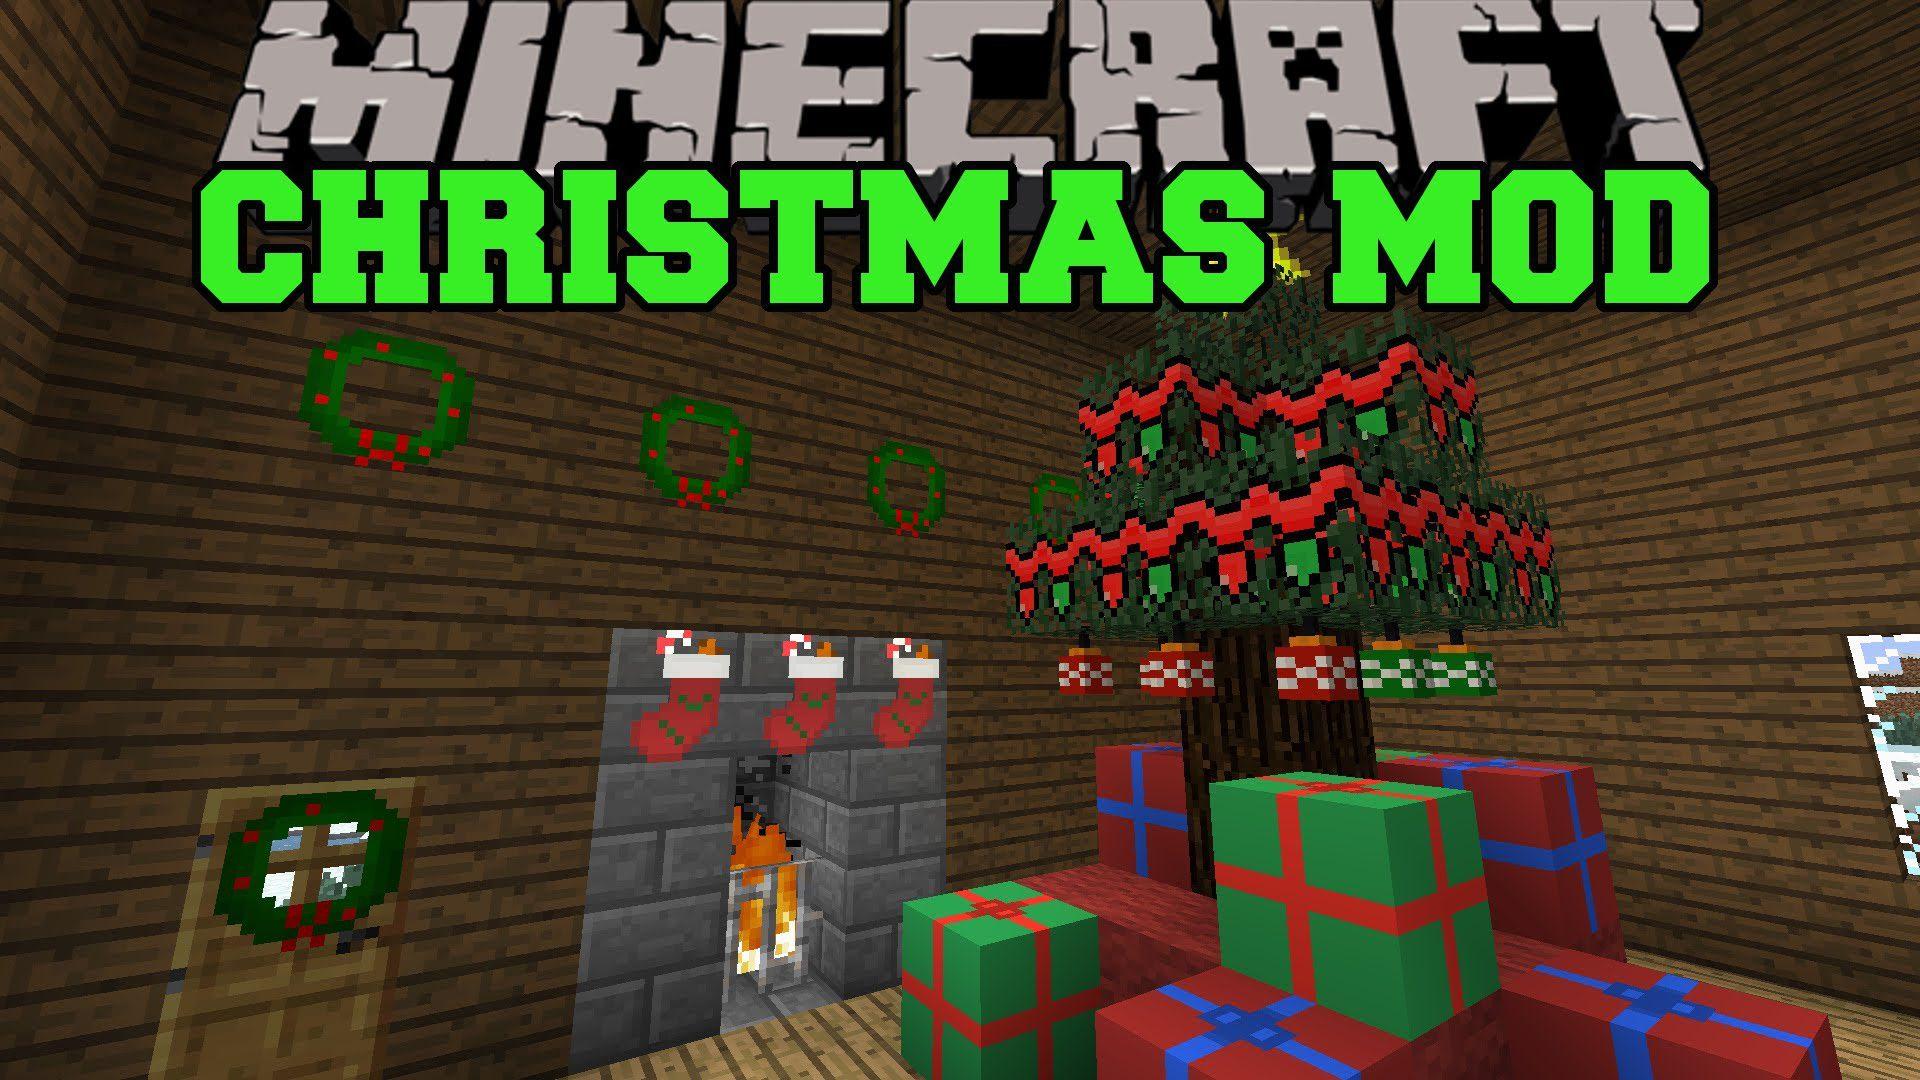 Joshua's Christmas Mod